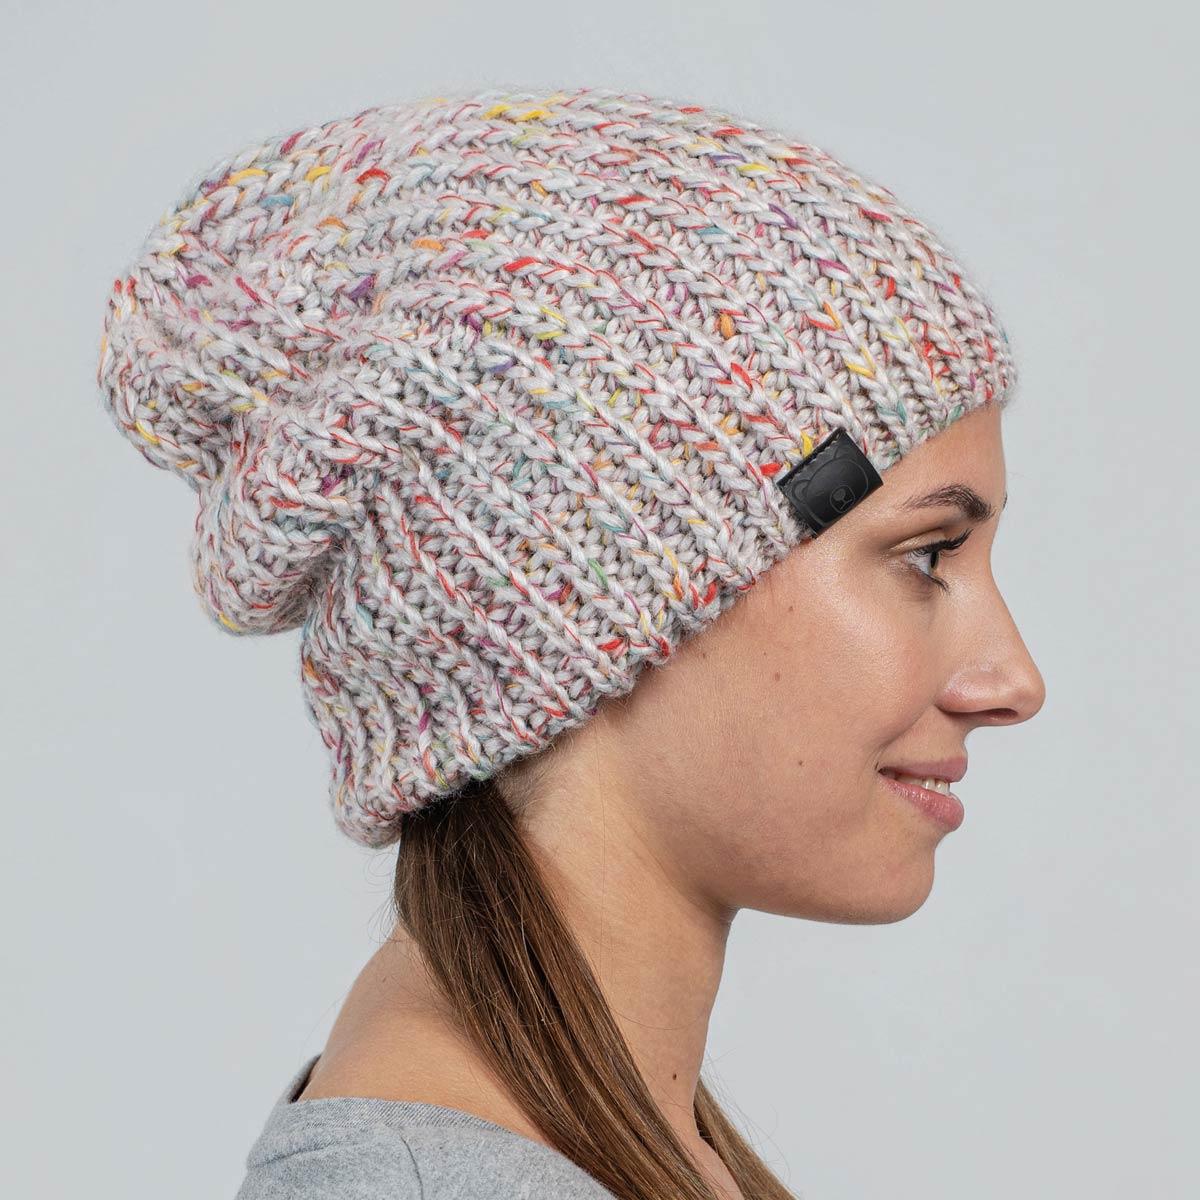 CP-01649_W12-1--_Bonnet-femme-gris-multicolore